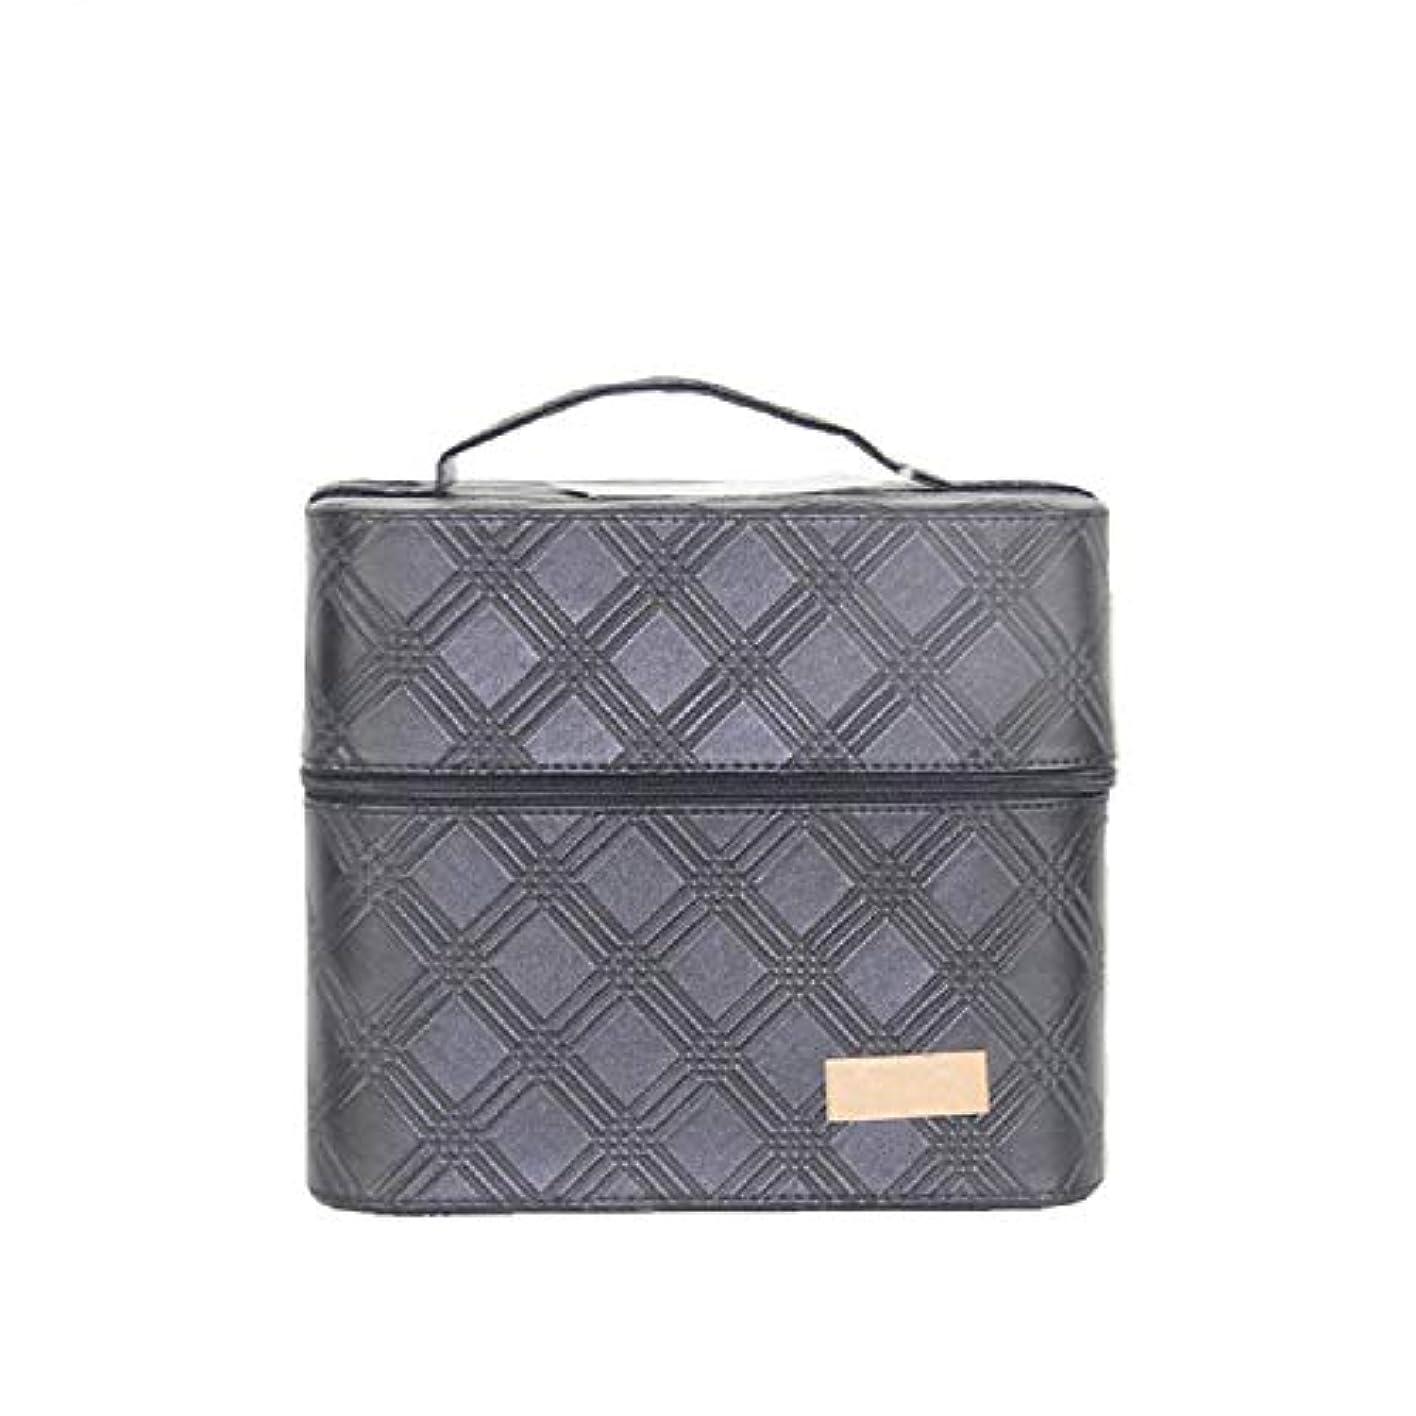 規模不純毛布化粧オーガナイザーバッグ ジッパーと2つのトレイで小さなものの種類の旅行のための美容メイクアップのための黒のポータブル化粧品バッグ 化粧品ケース